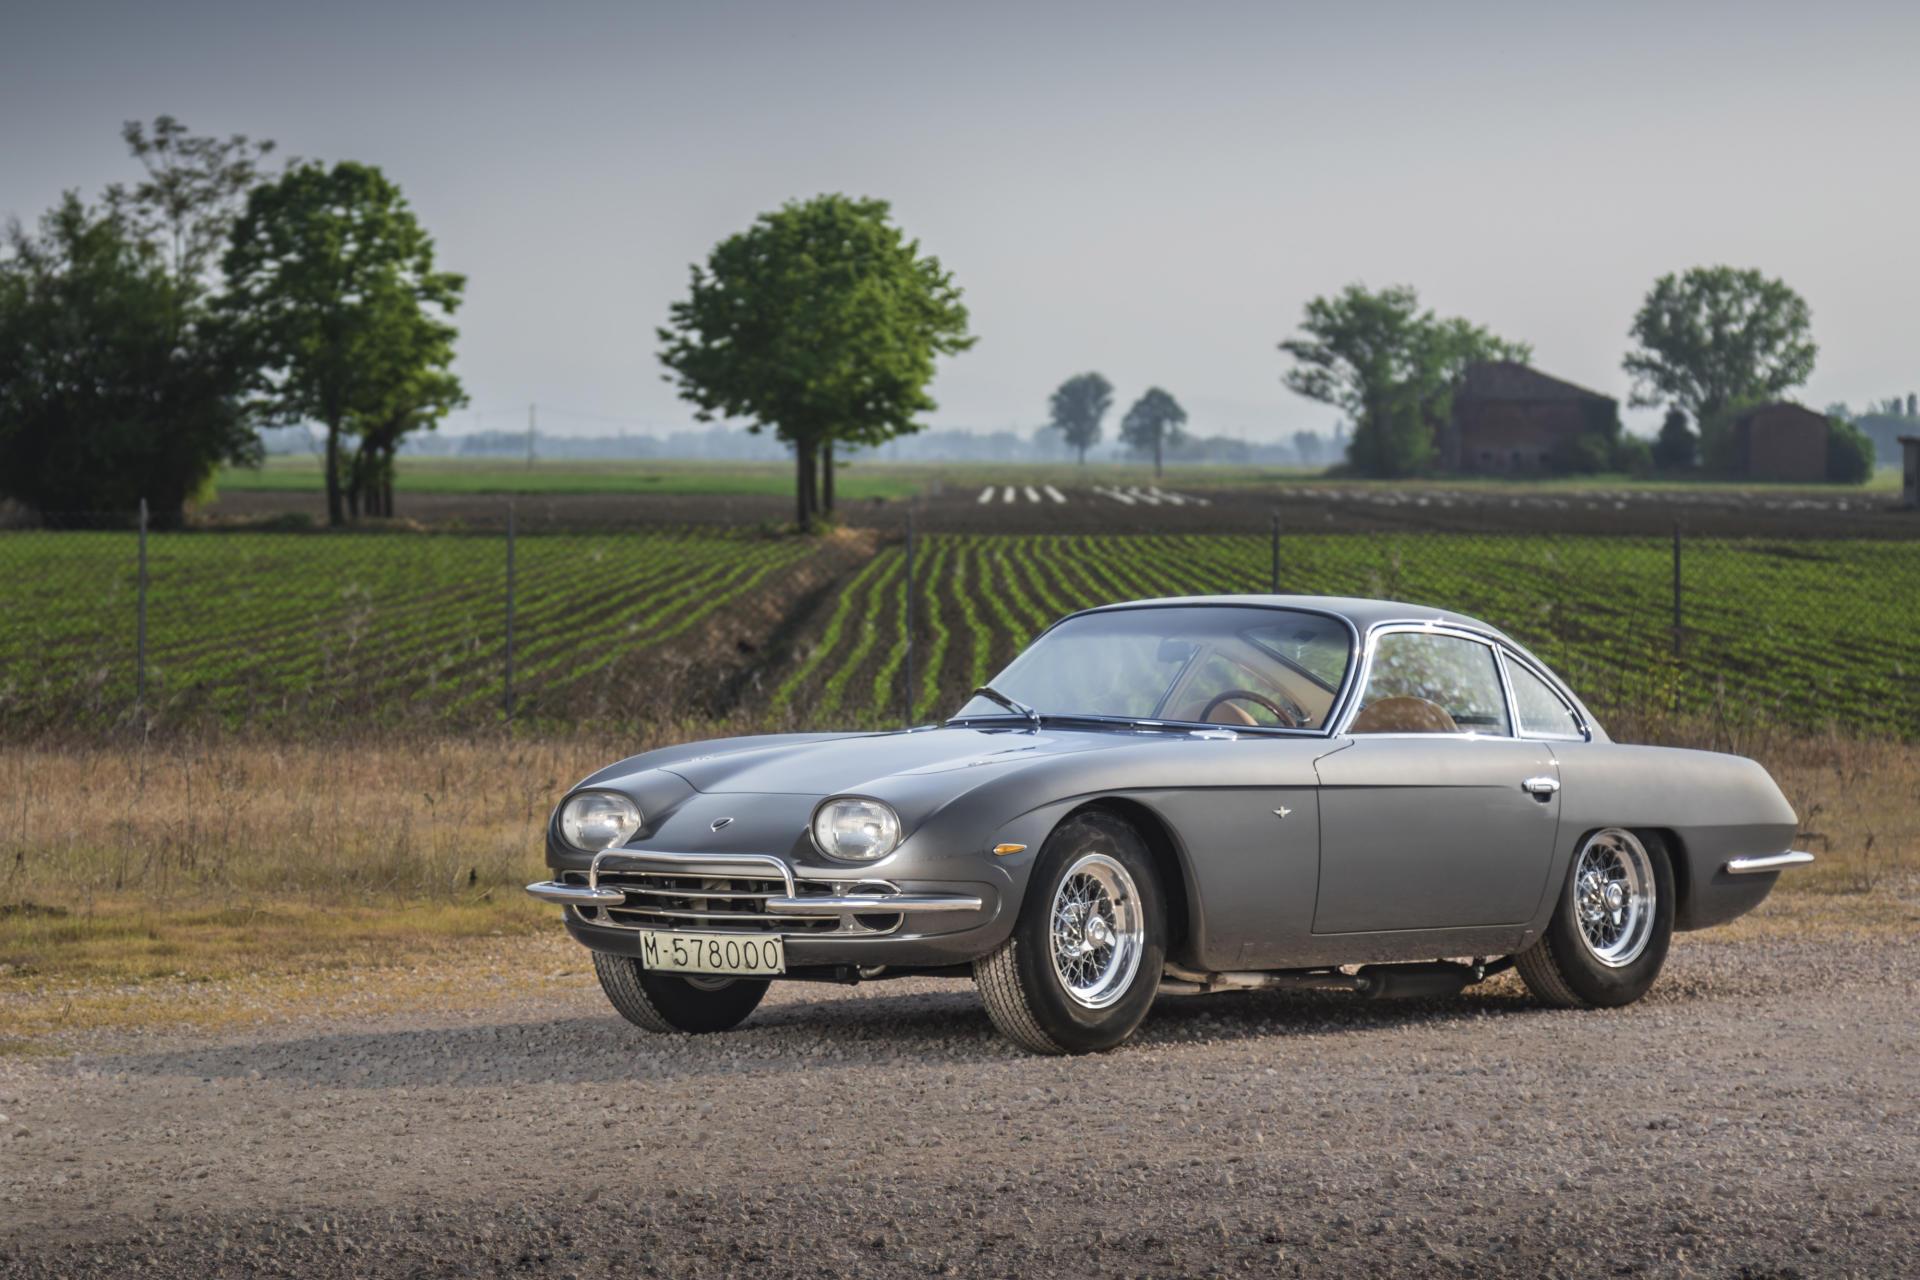 ¿Buscas un clásico italiano y super exclusivo? Este Lamborghini 400 GT 'Interim' con matrícula española saldrá pronto a subasta